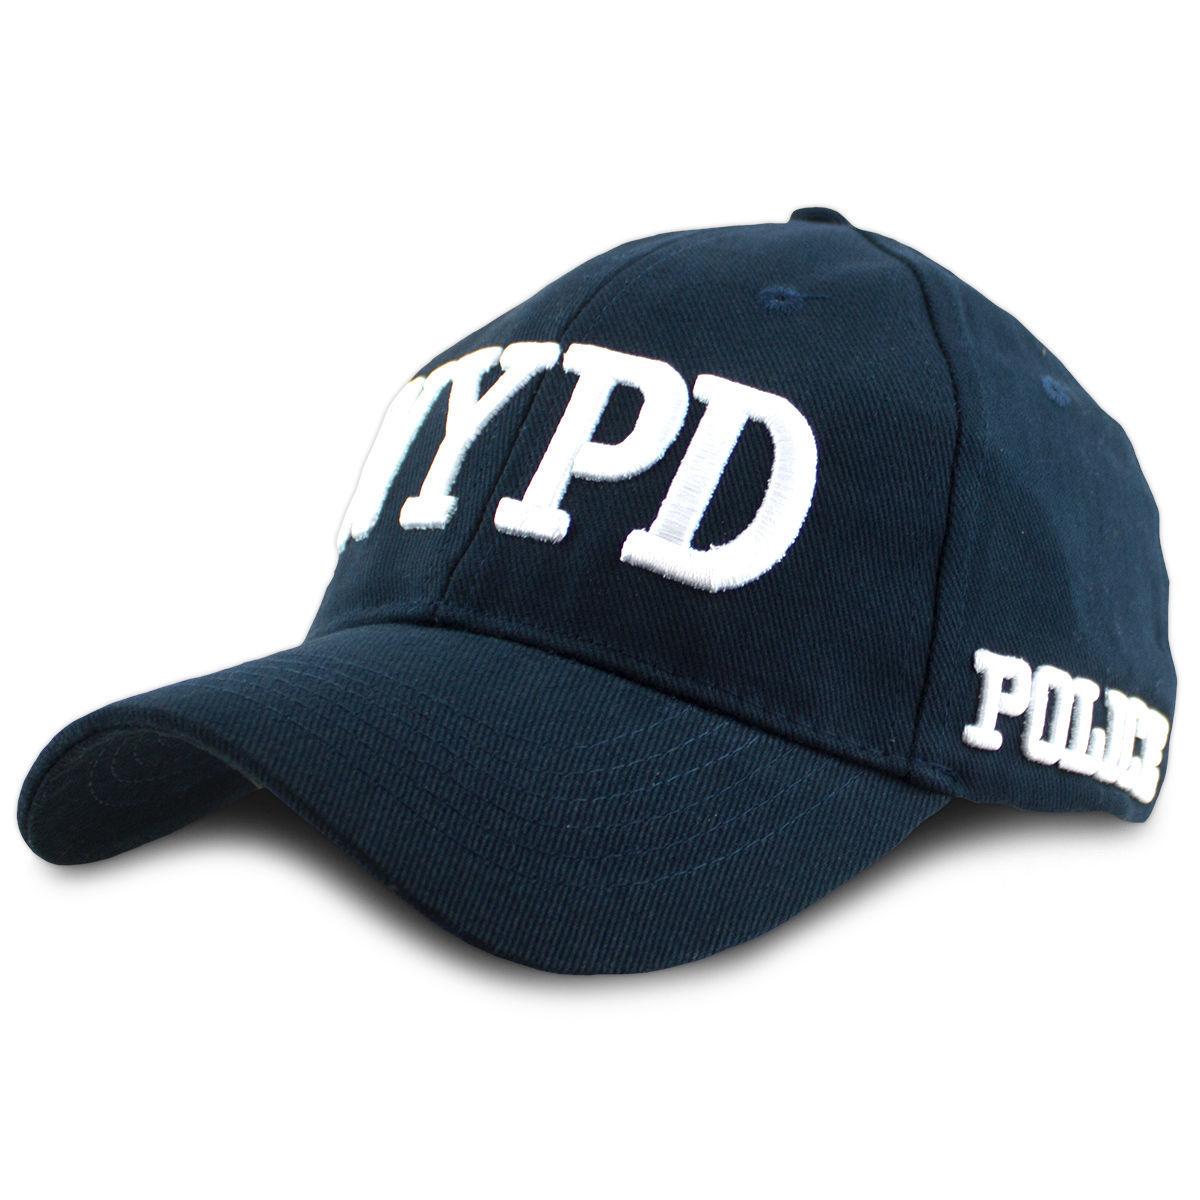 Кепка Deluxe Genuine NYPD Cap Rothco (синяя - navy blue)